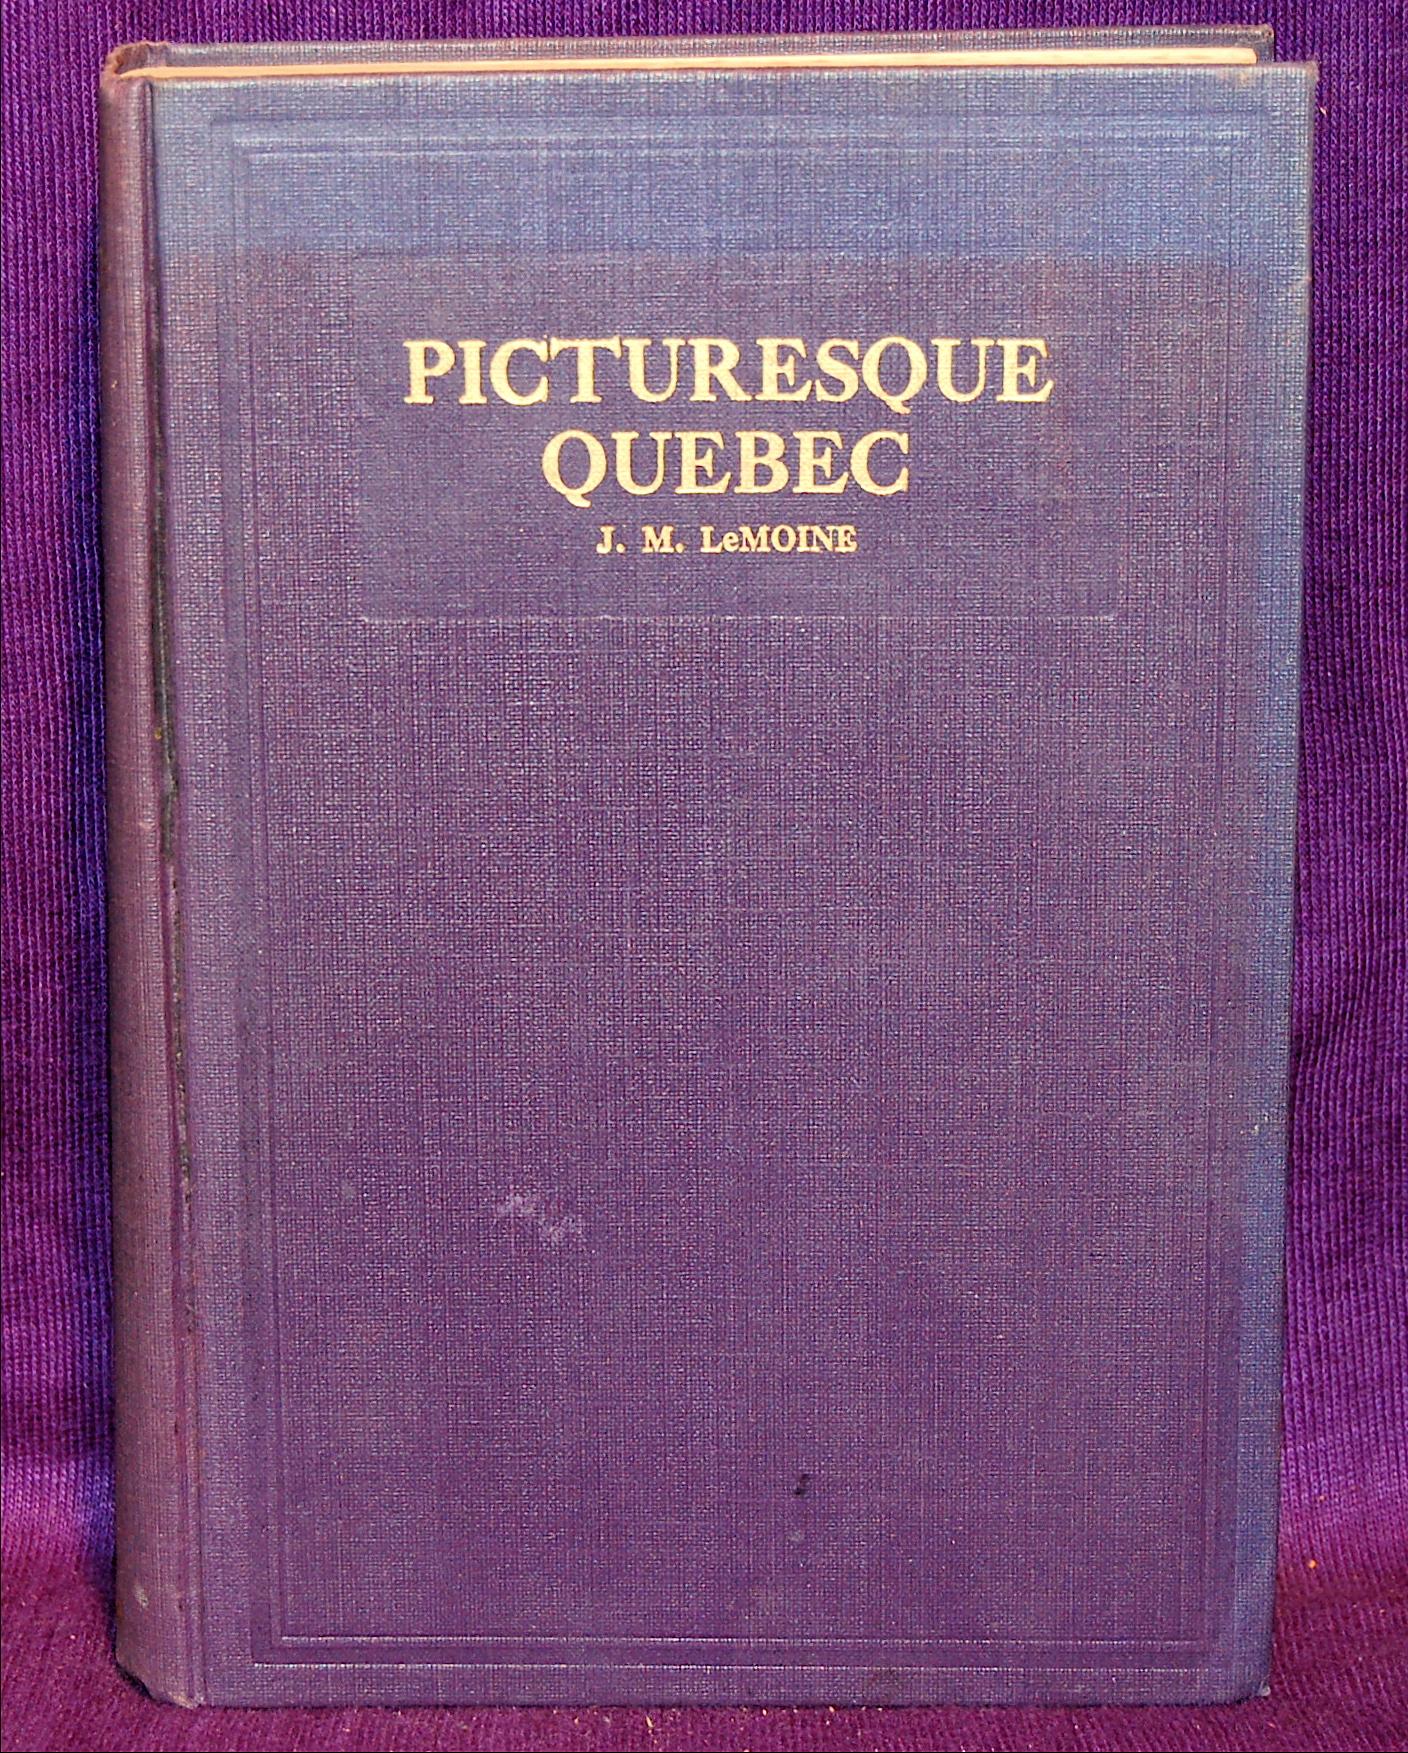 Picturesque Quebec